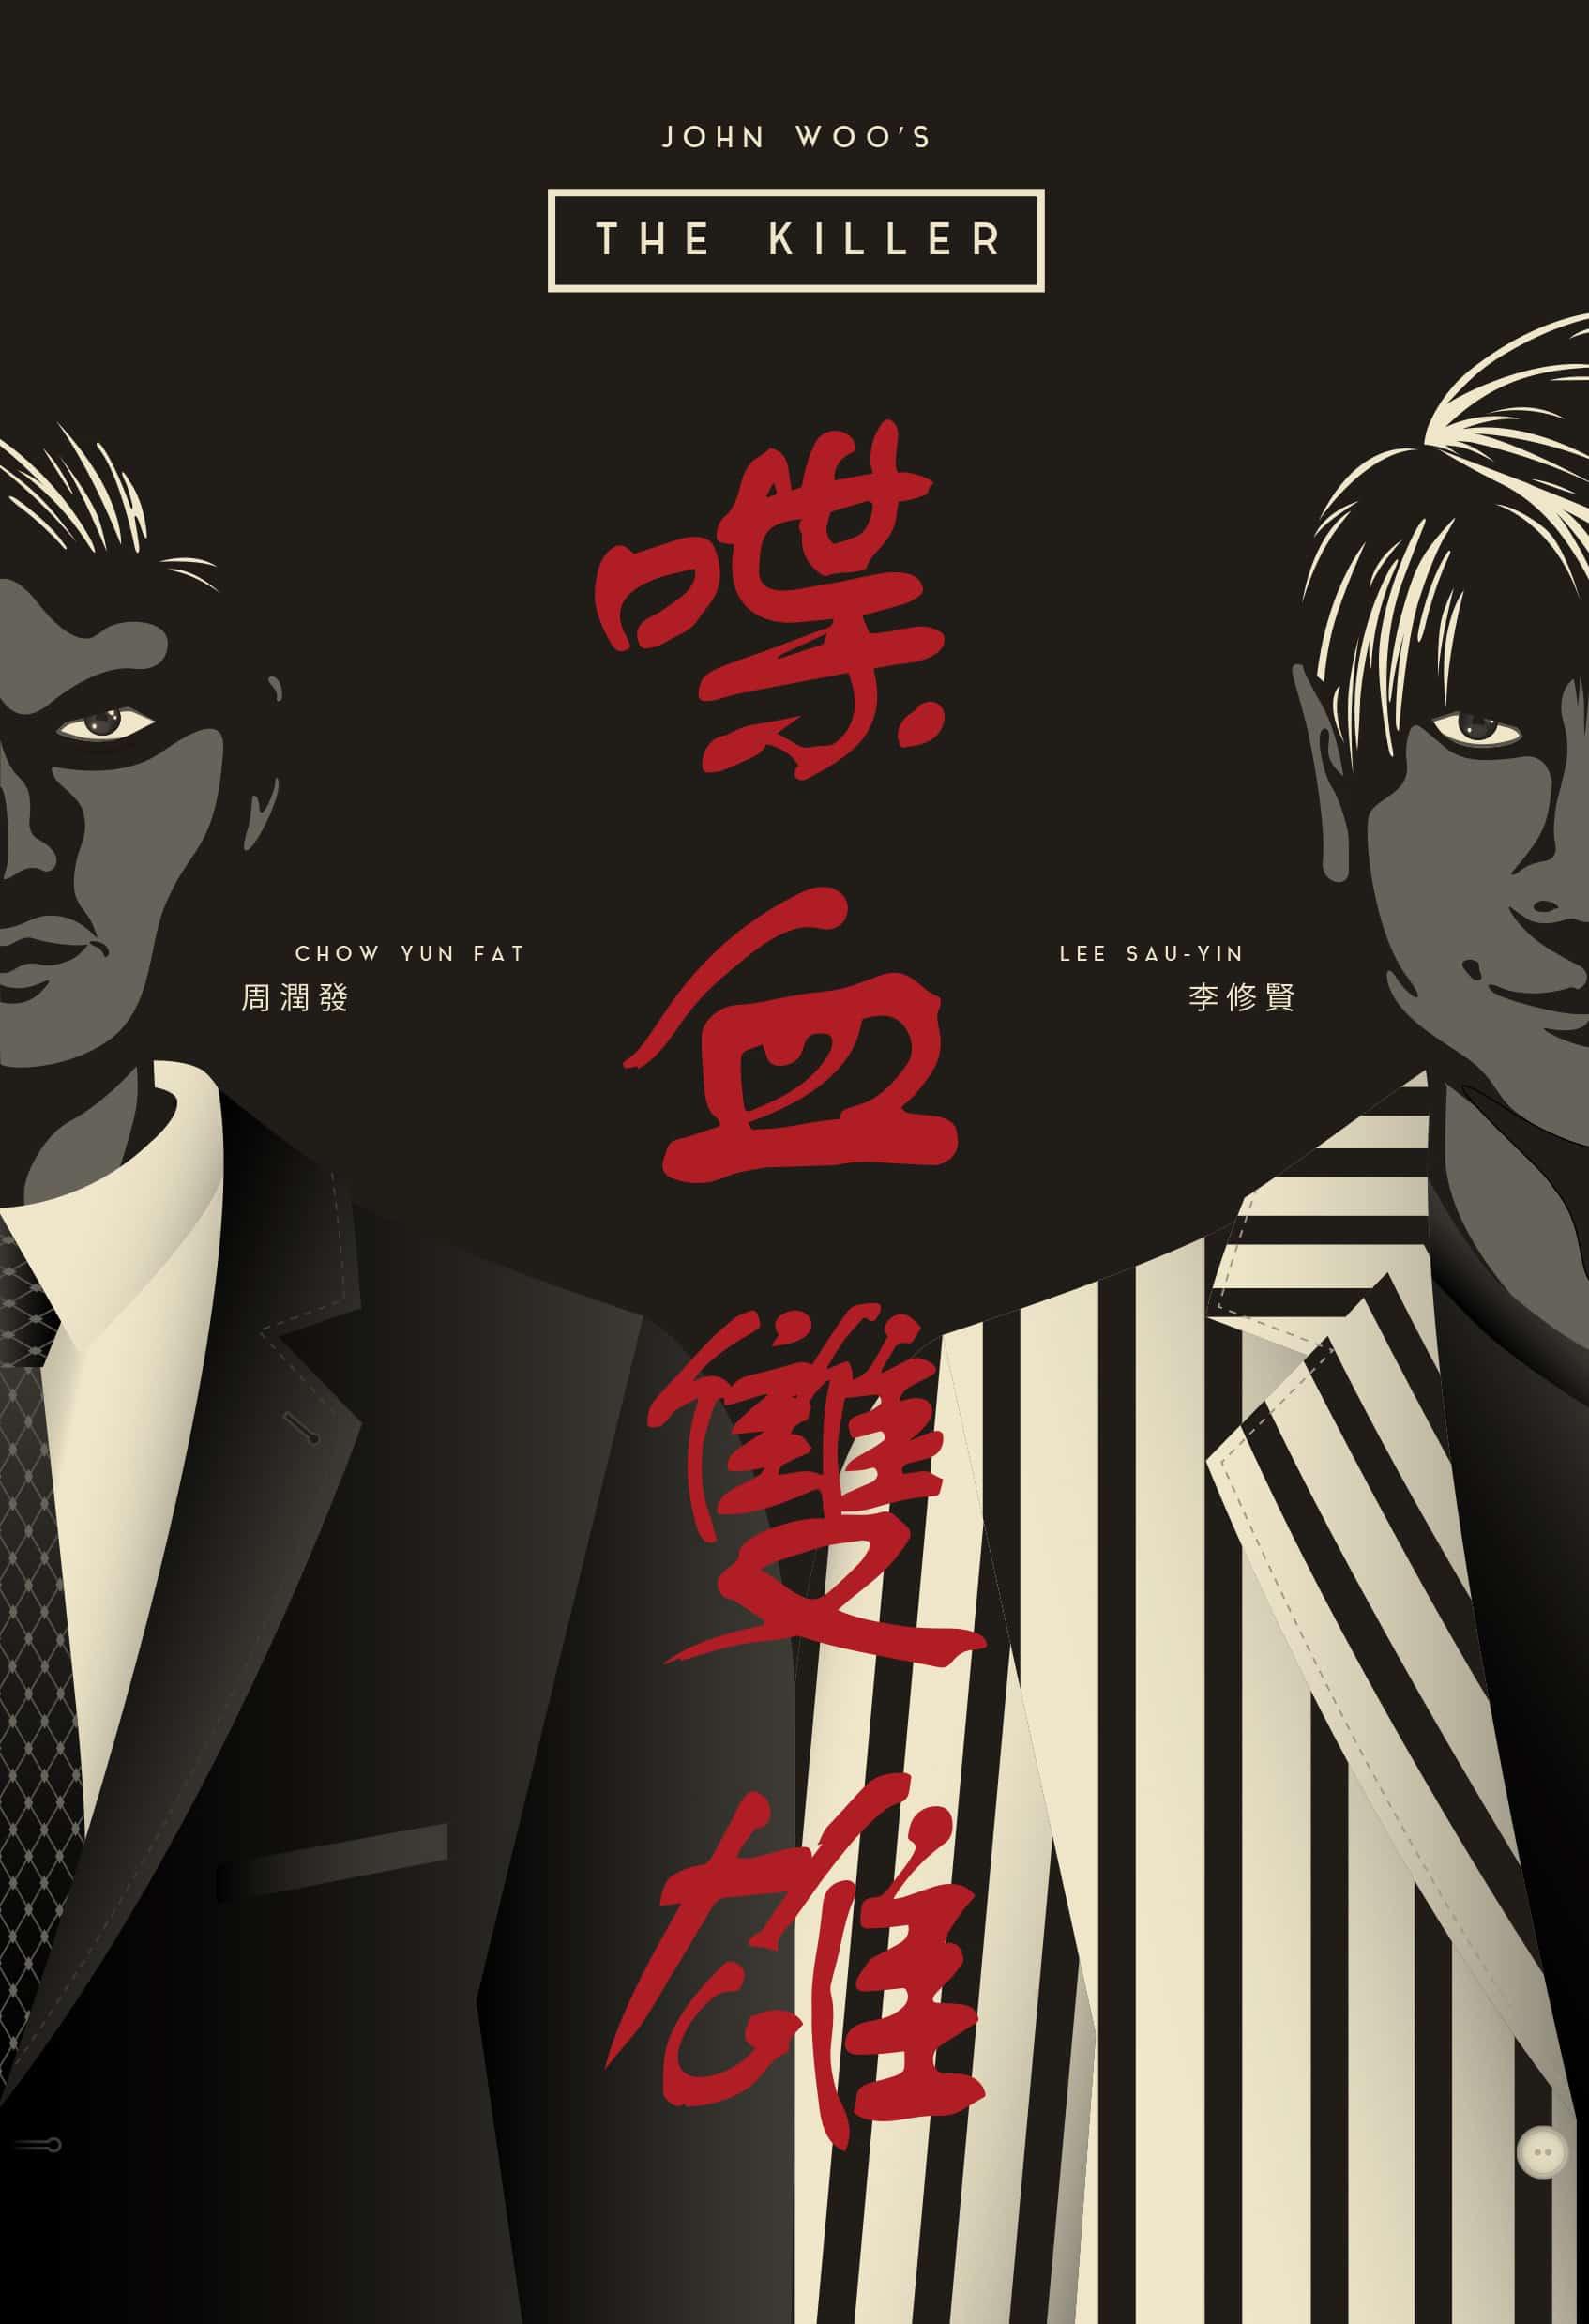 John Woo Movie Poster